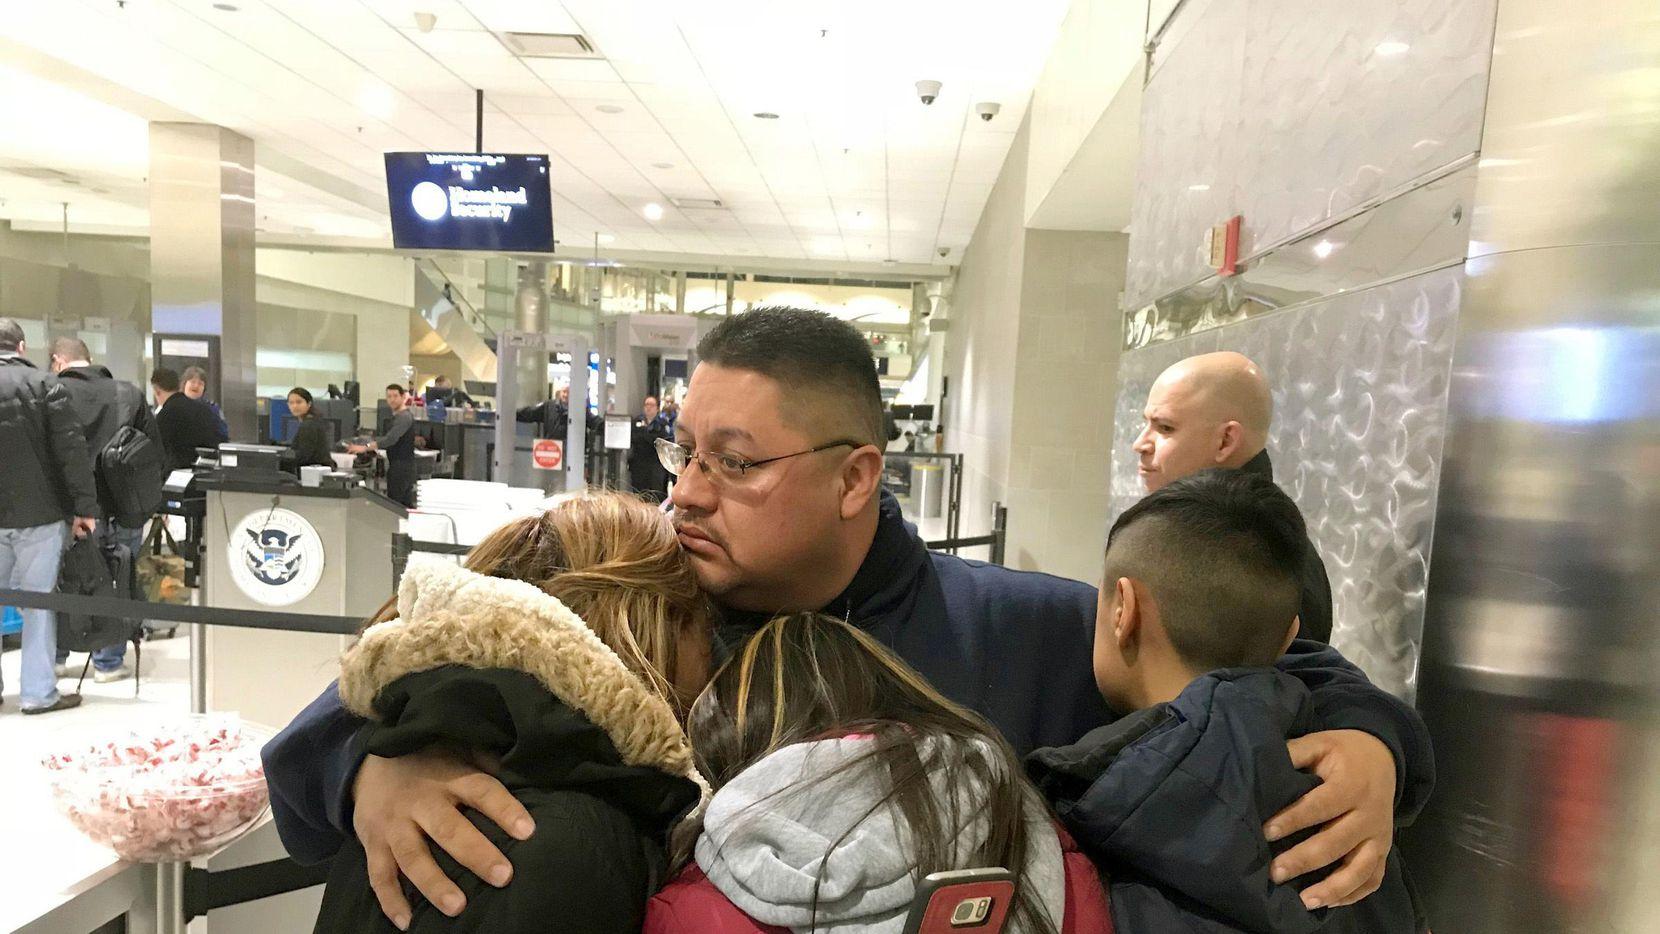 Jorge García abraza a su esposa Cindy garcía y sus dos hijos en el Detroit Metro Airport antes de abordar un vuelo a México.(AP)